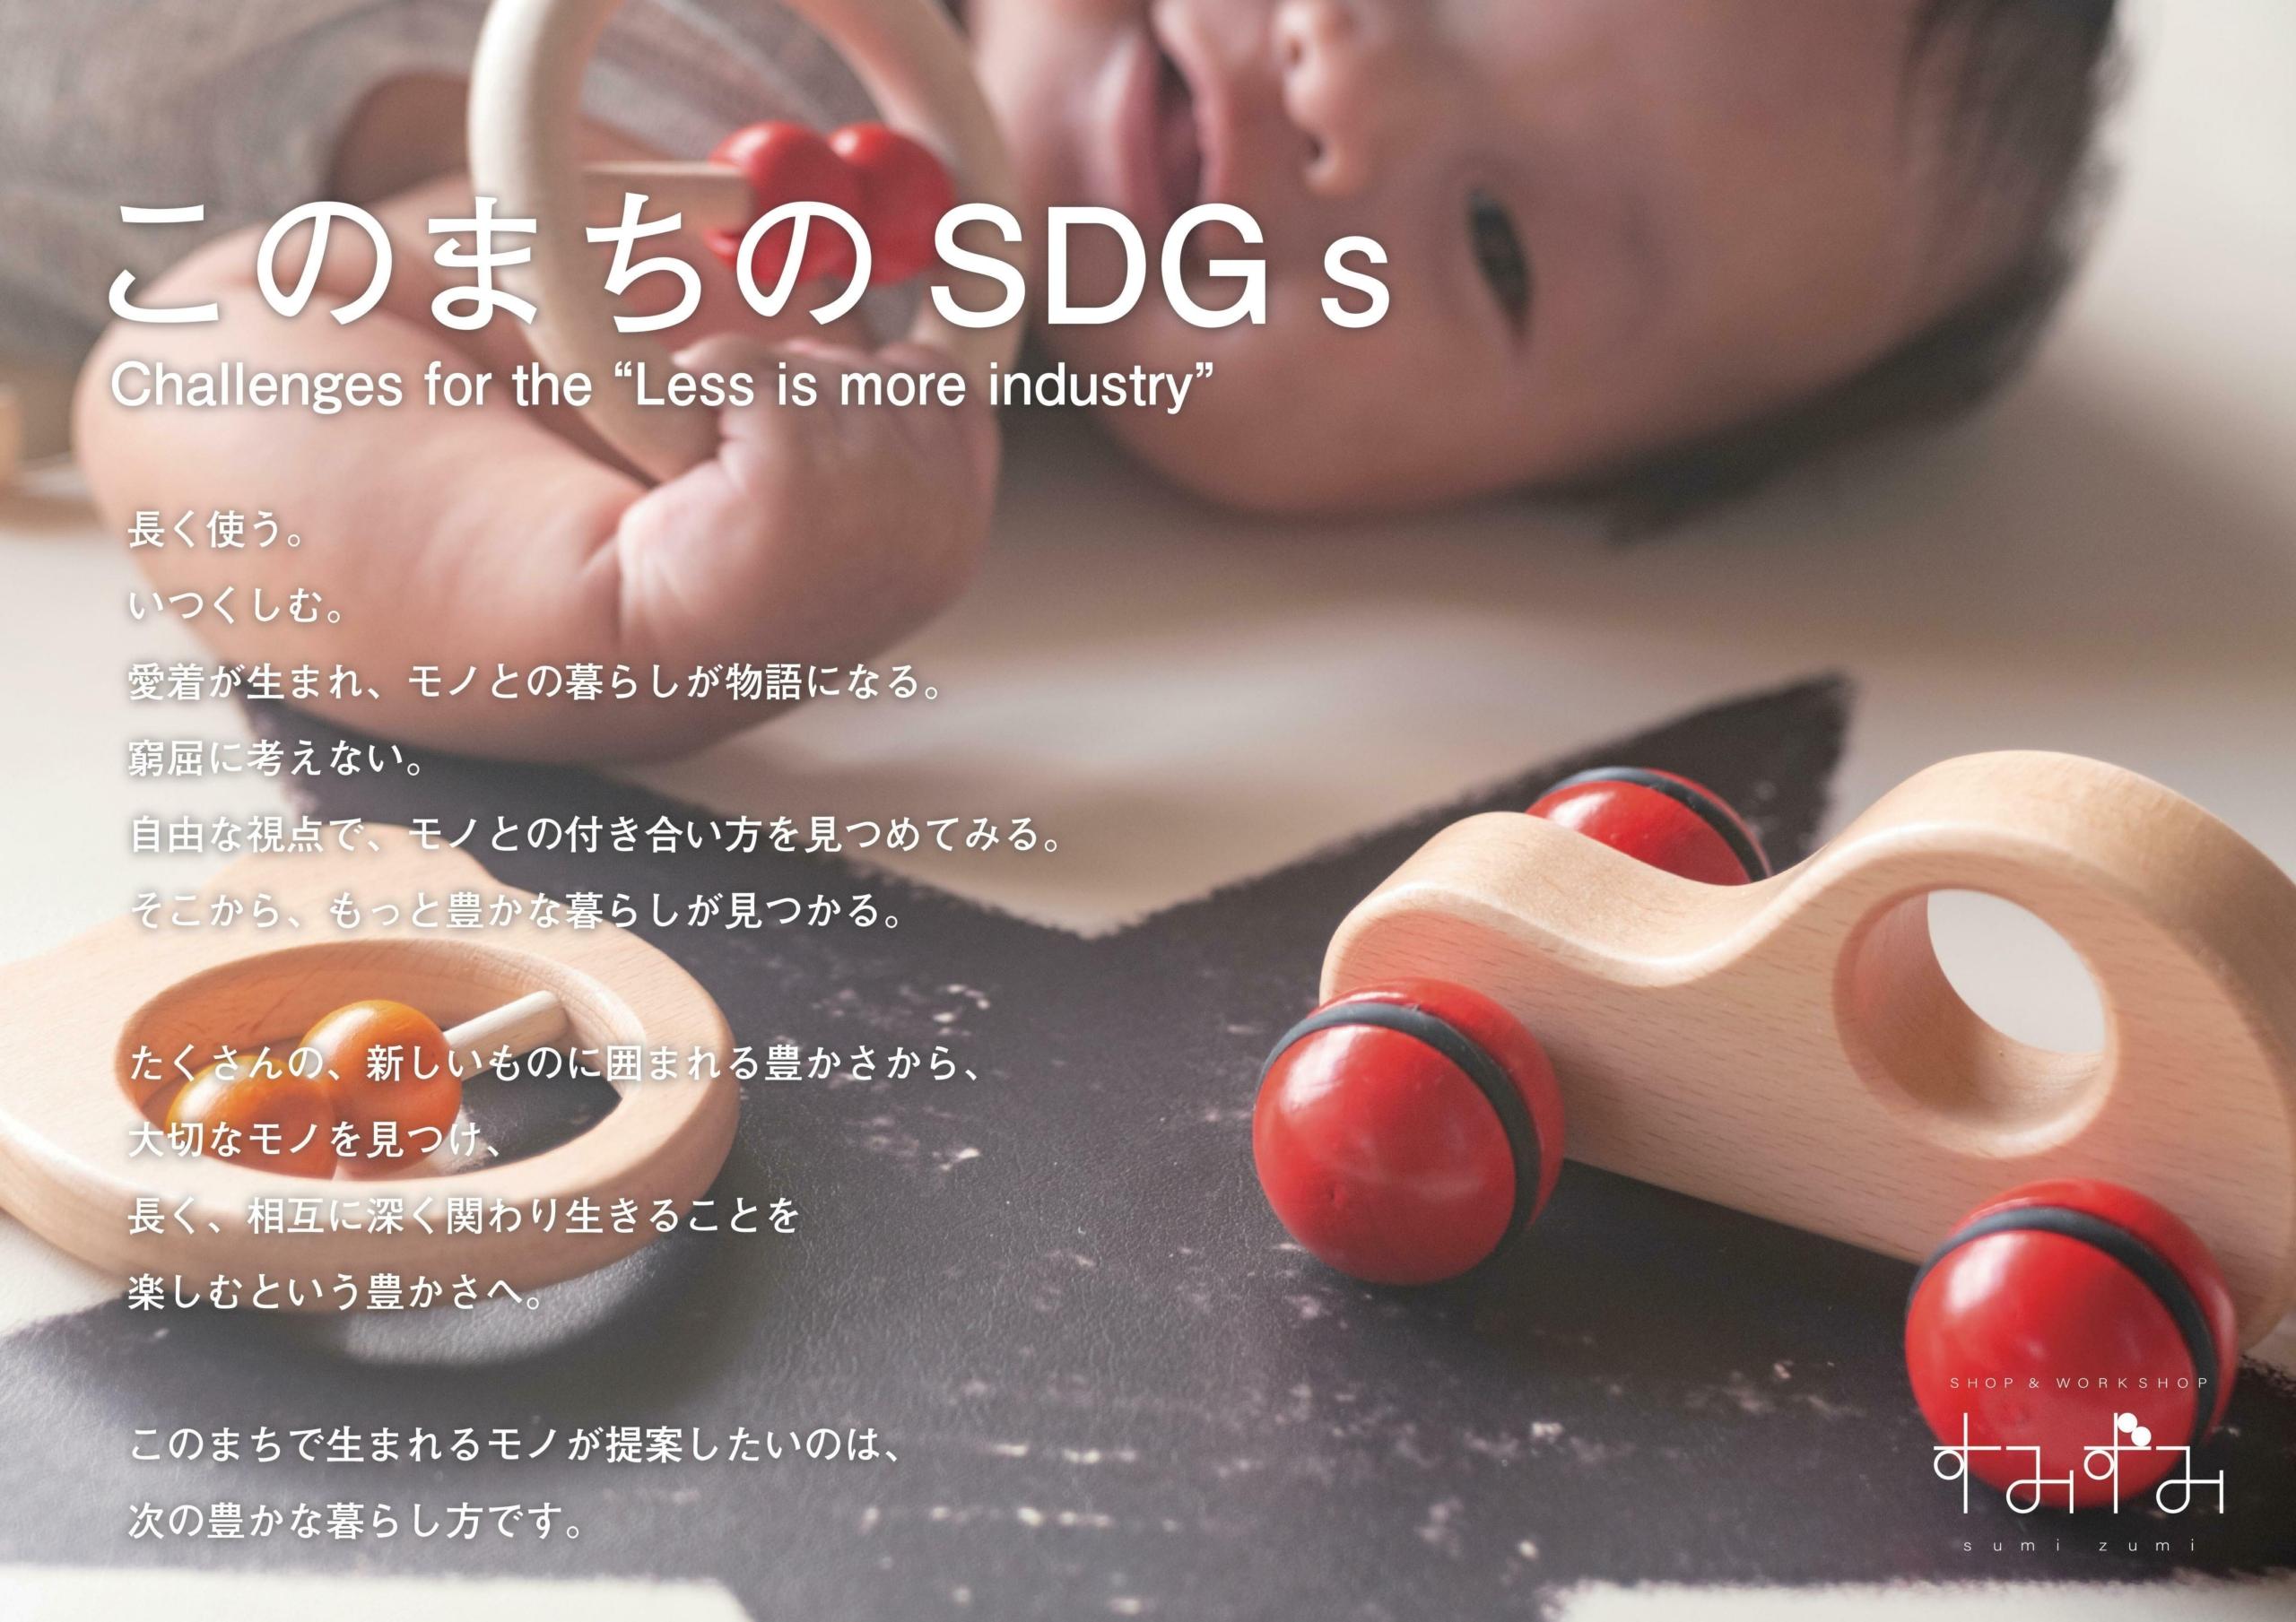 墨田区産業支援施設  SHOP & WORKSHOP すみずみ / sumizumi  2021年9~10月企画のご案内『このまちのSDGs』